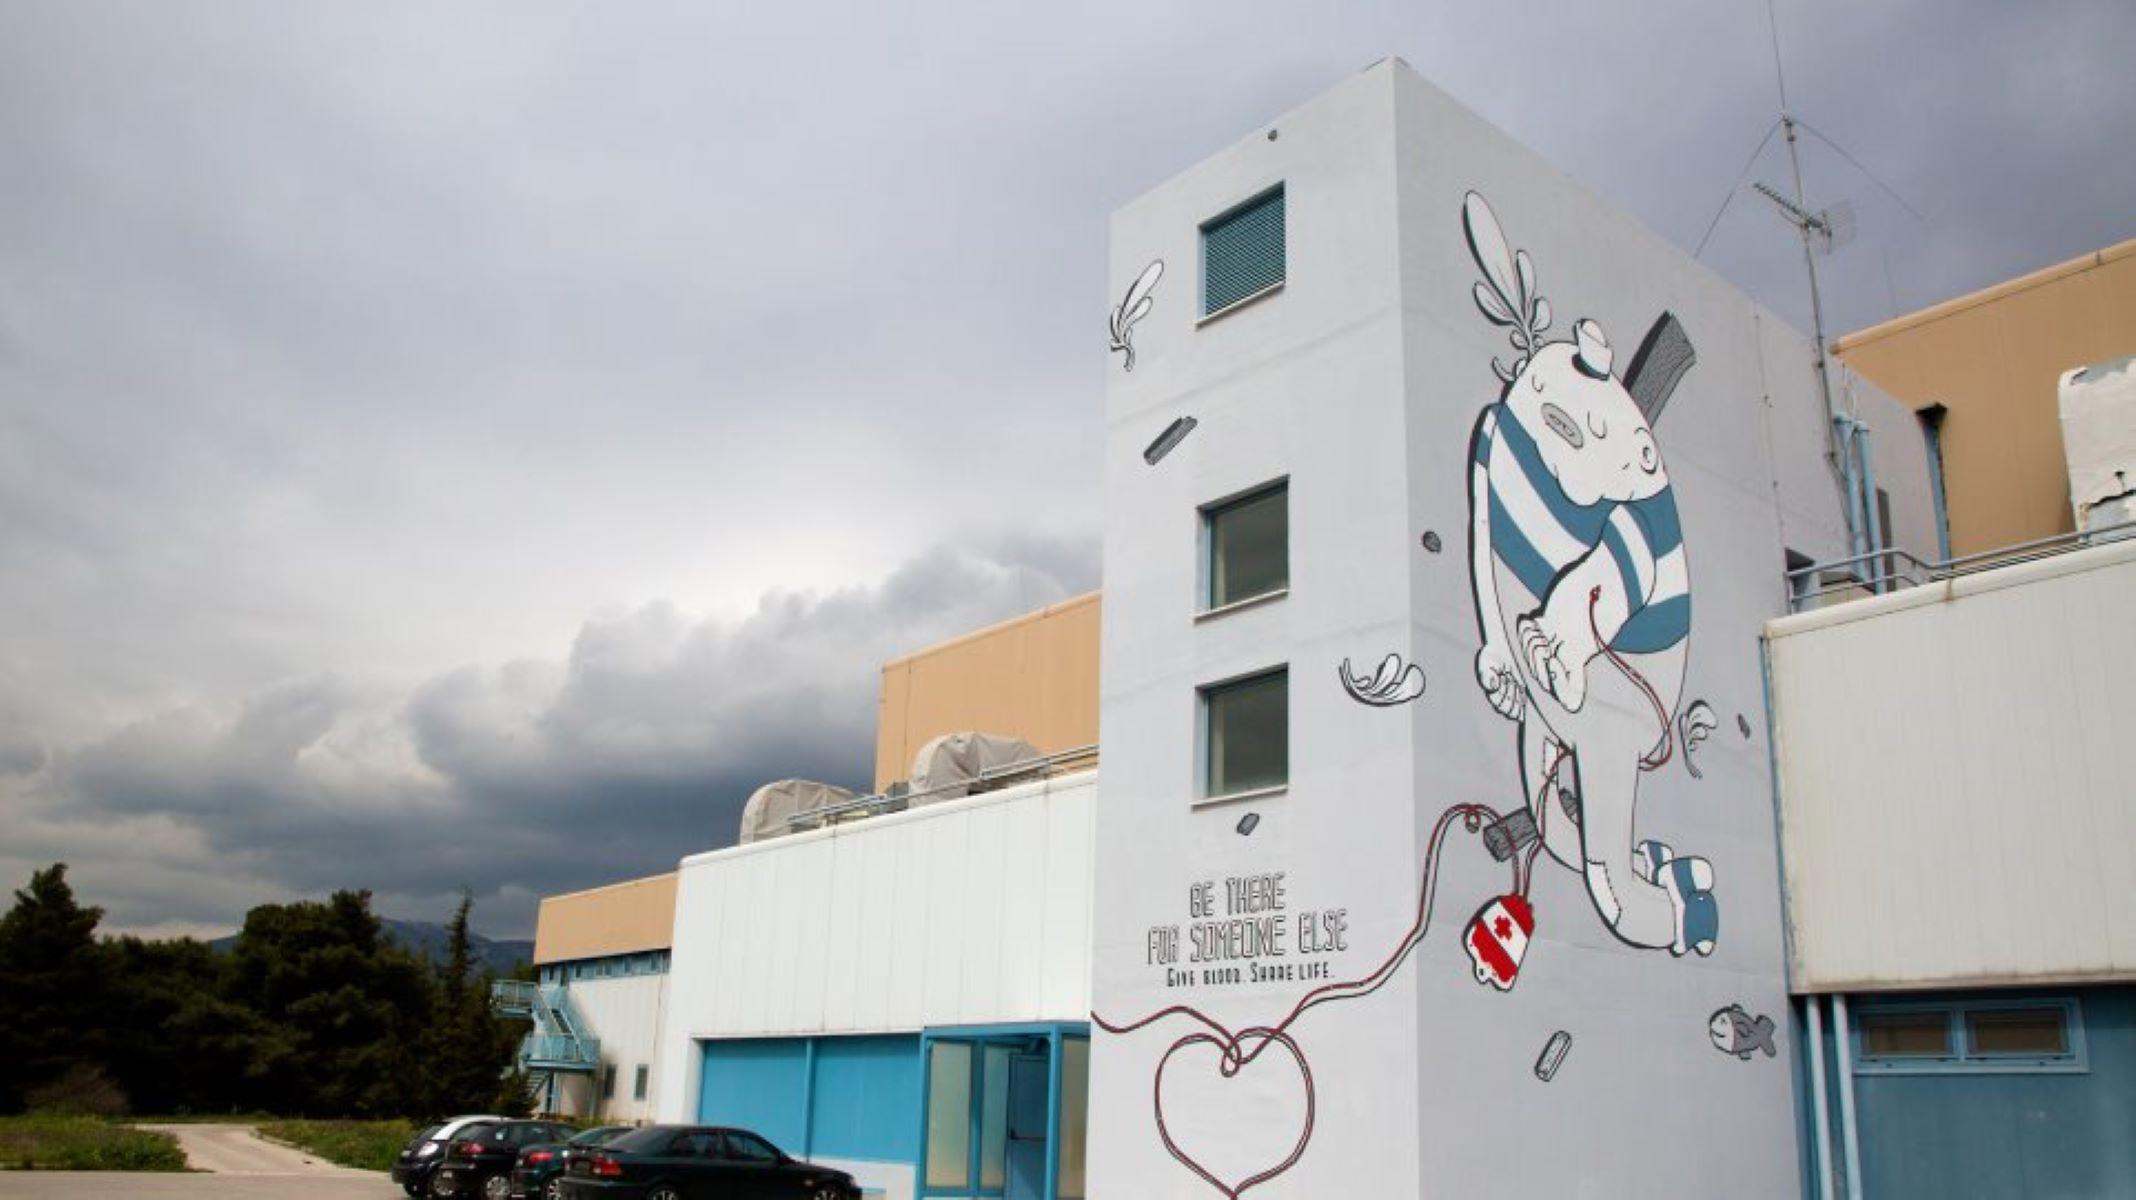 ΕΚΕΑ: Επιχορήγηση 1.083.300,00 από το Υπουργείο Υγείας